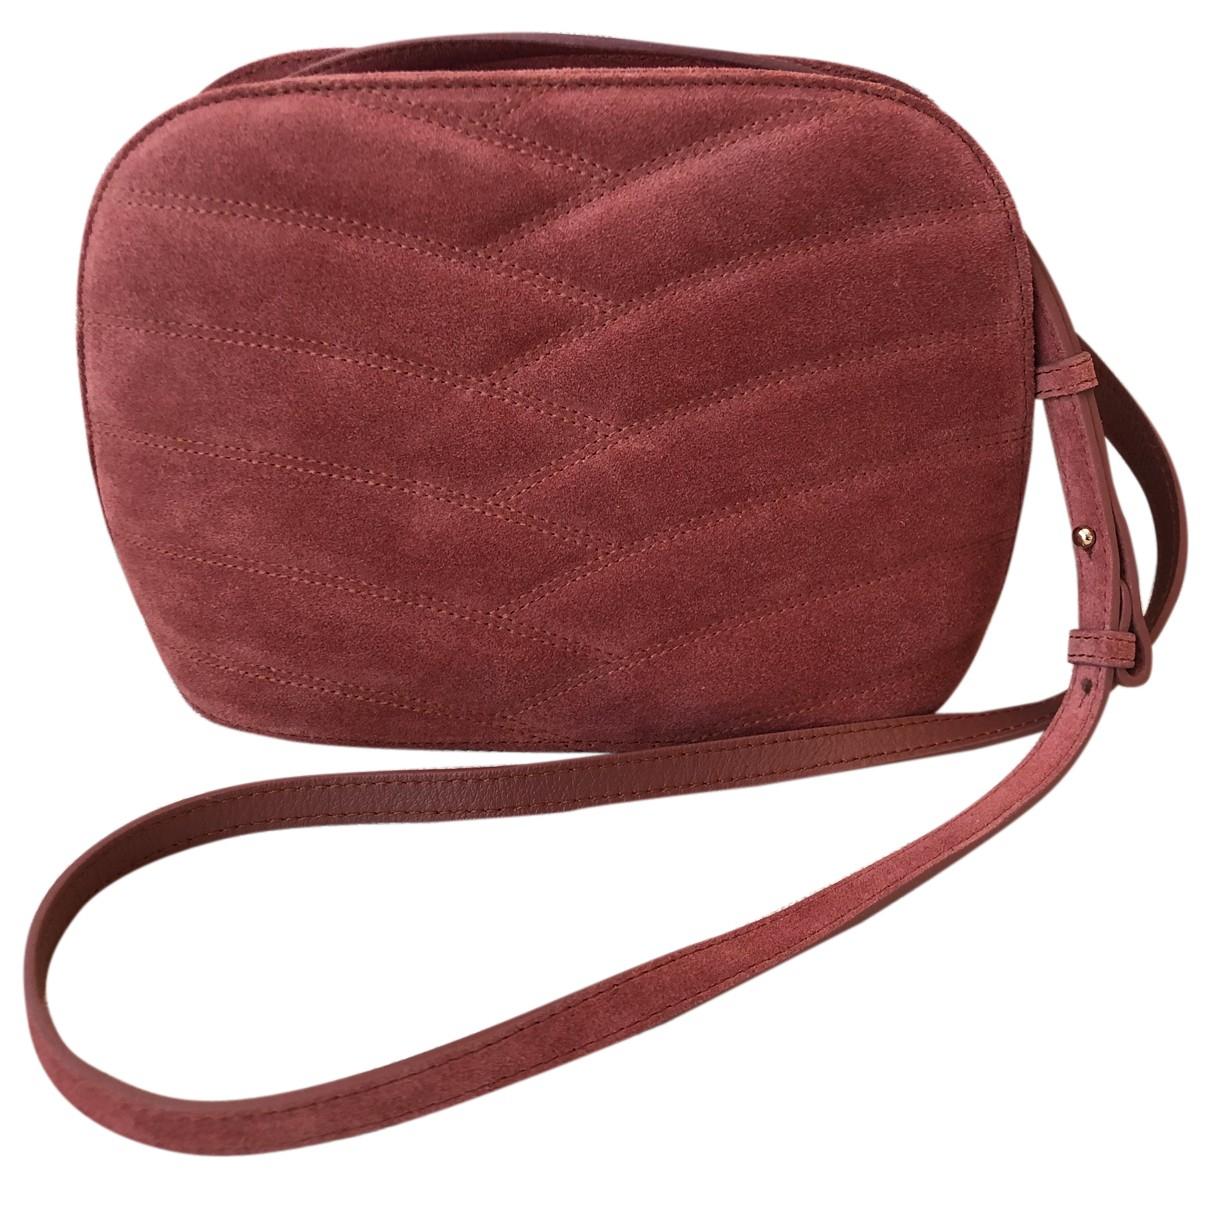 Sézane Victor Suede handbag for Women N